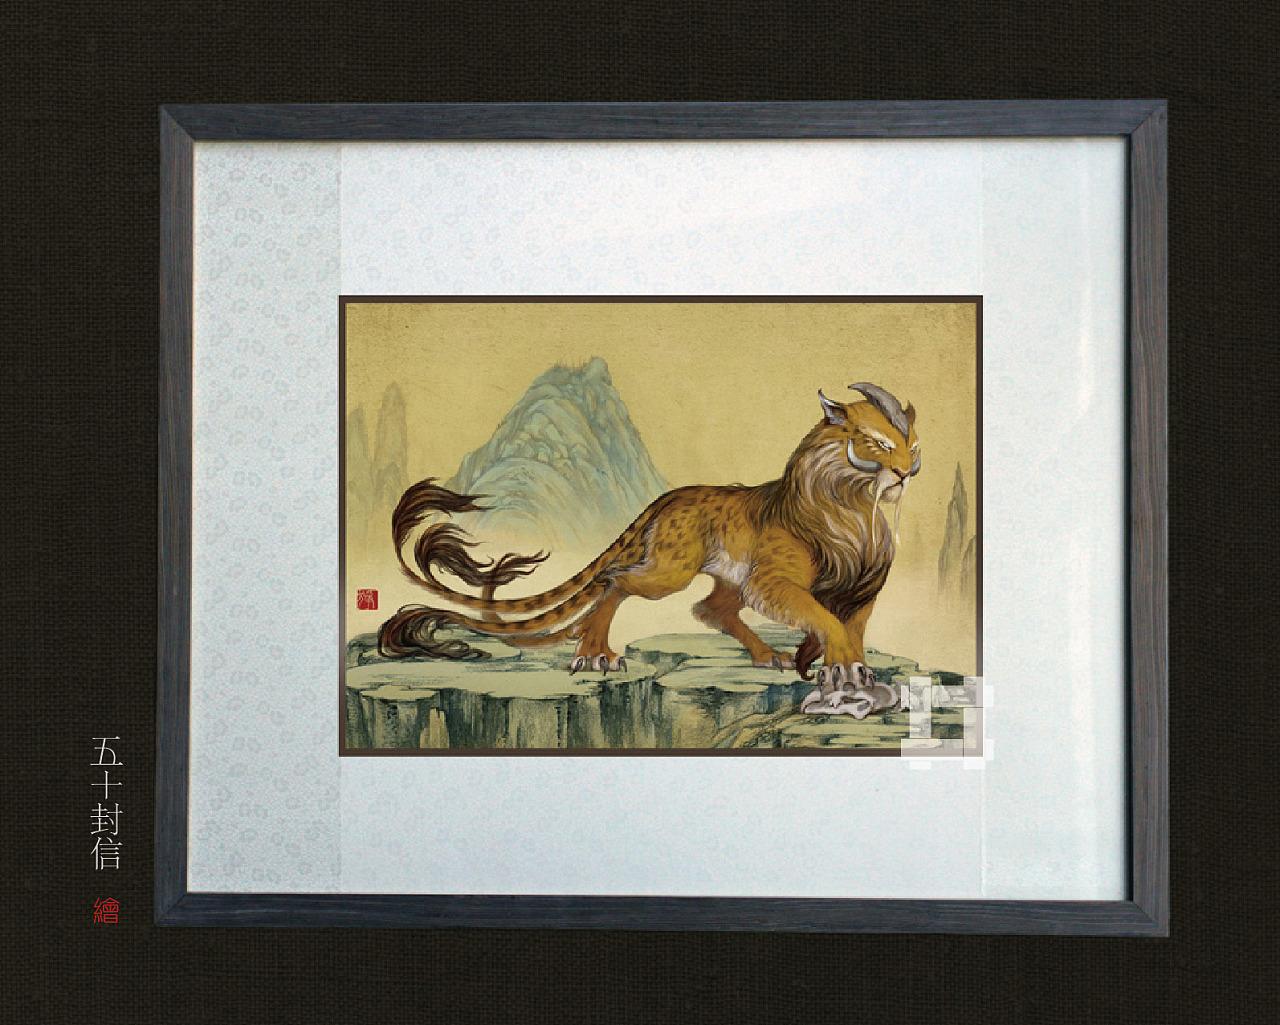 有关『山海兽』图片